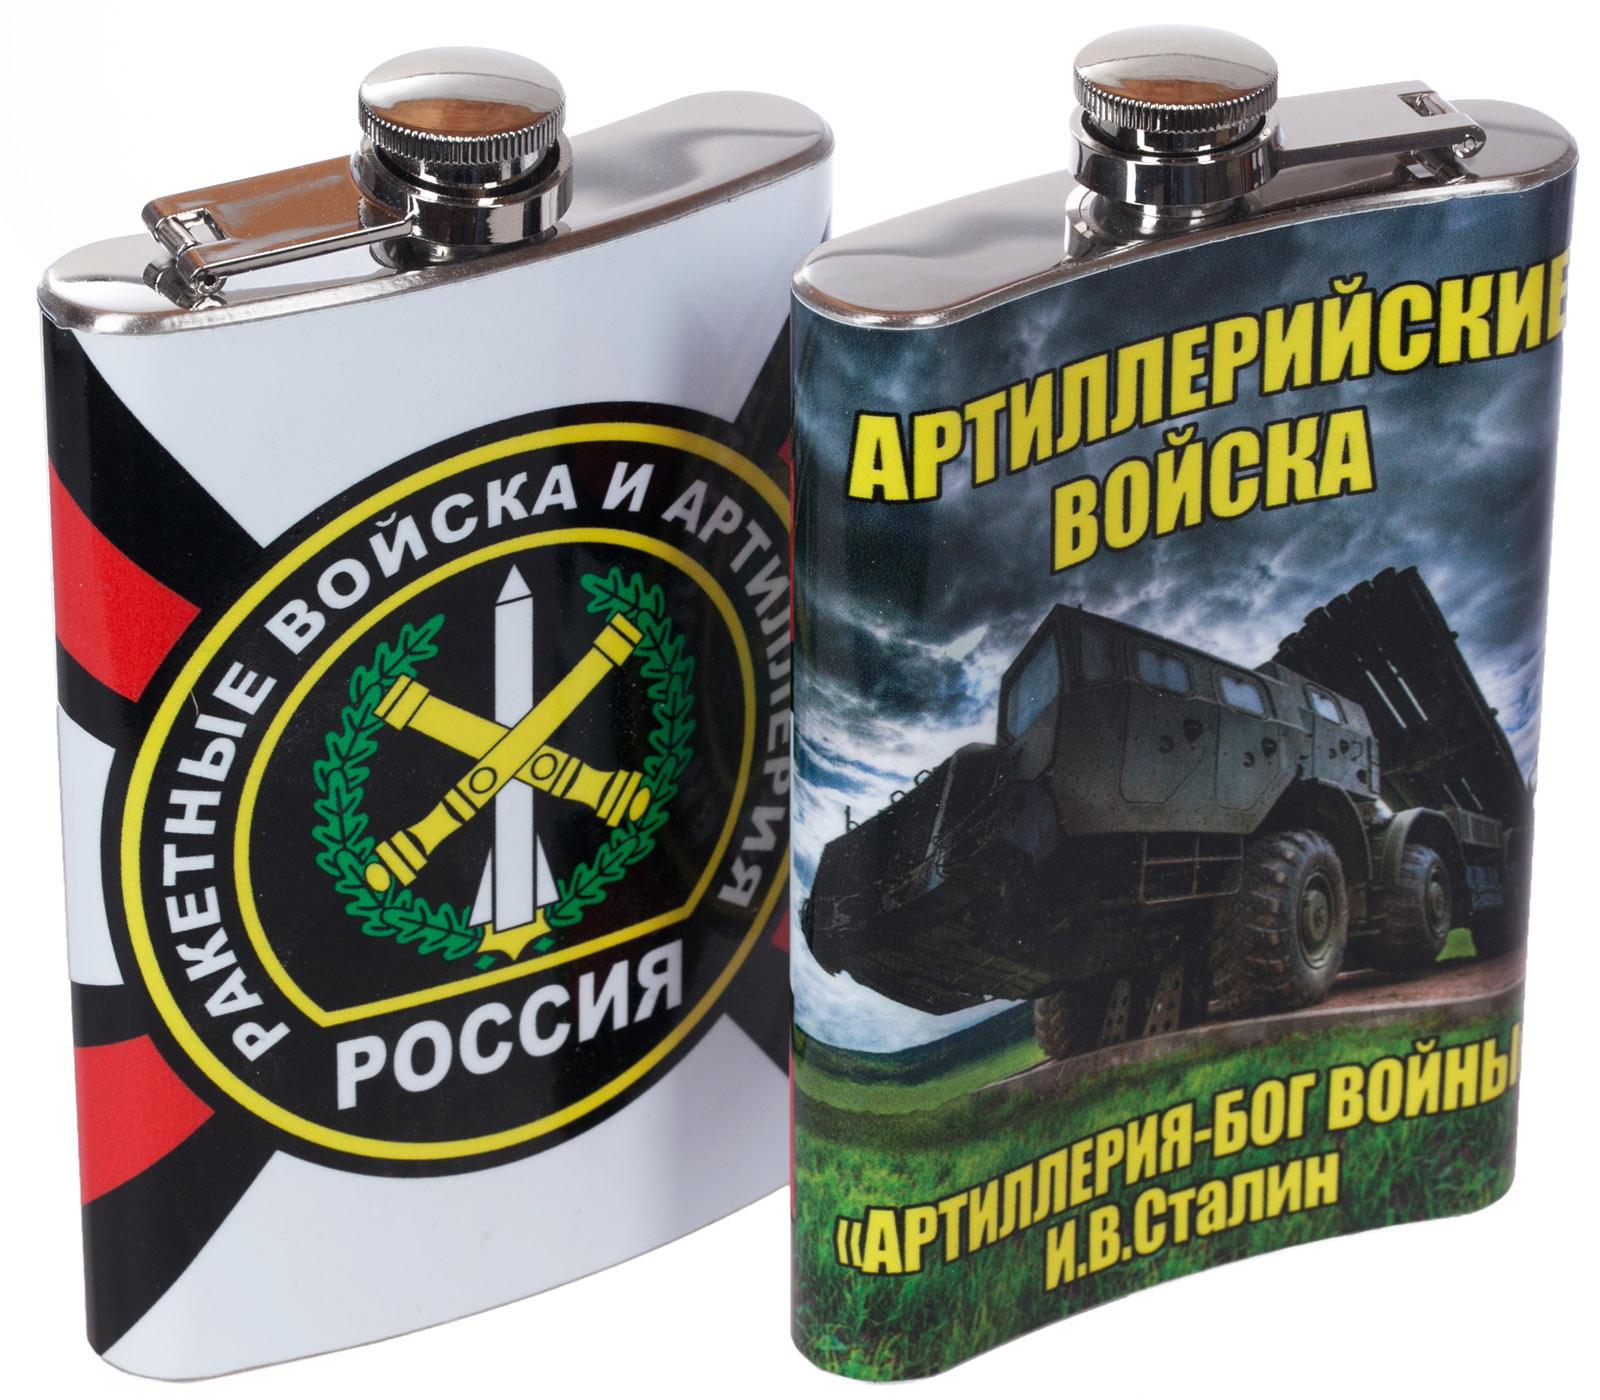 Подарочные фляжки на День артиллерии в России